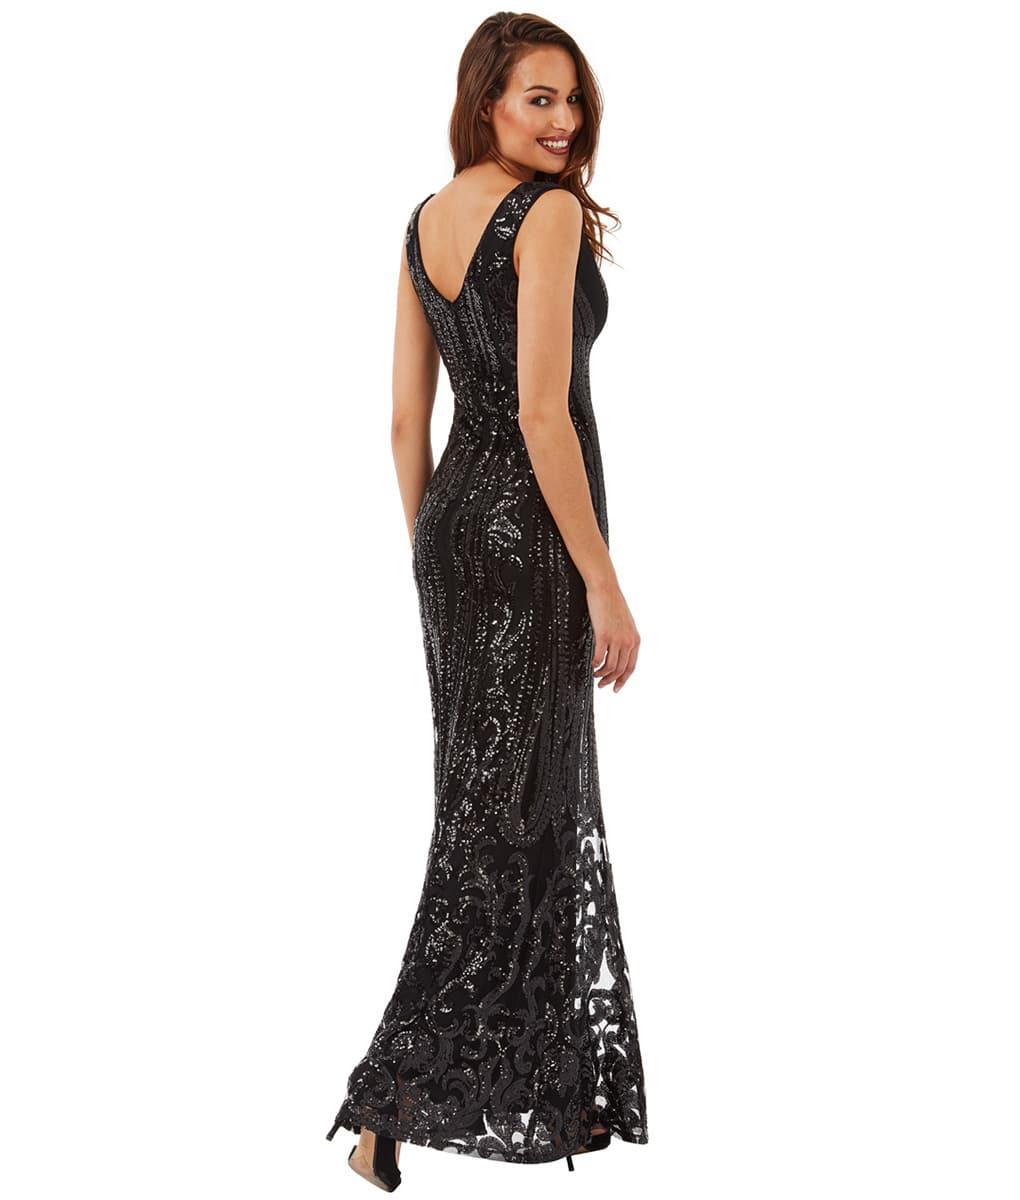 Alila-Black-Sequin-pattern-plunge-neck-debs-dress-city-goddess